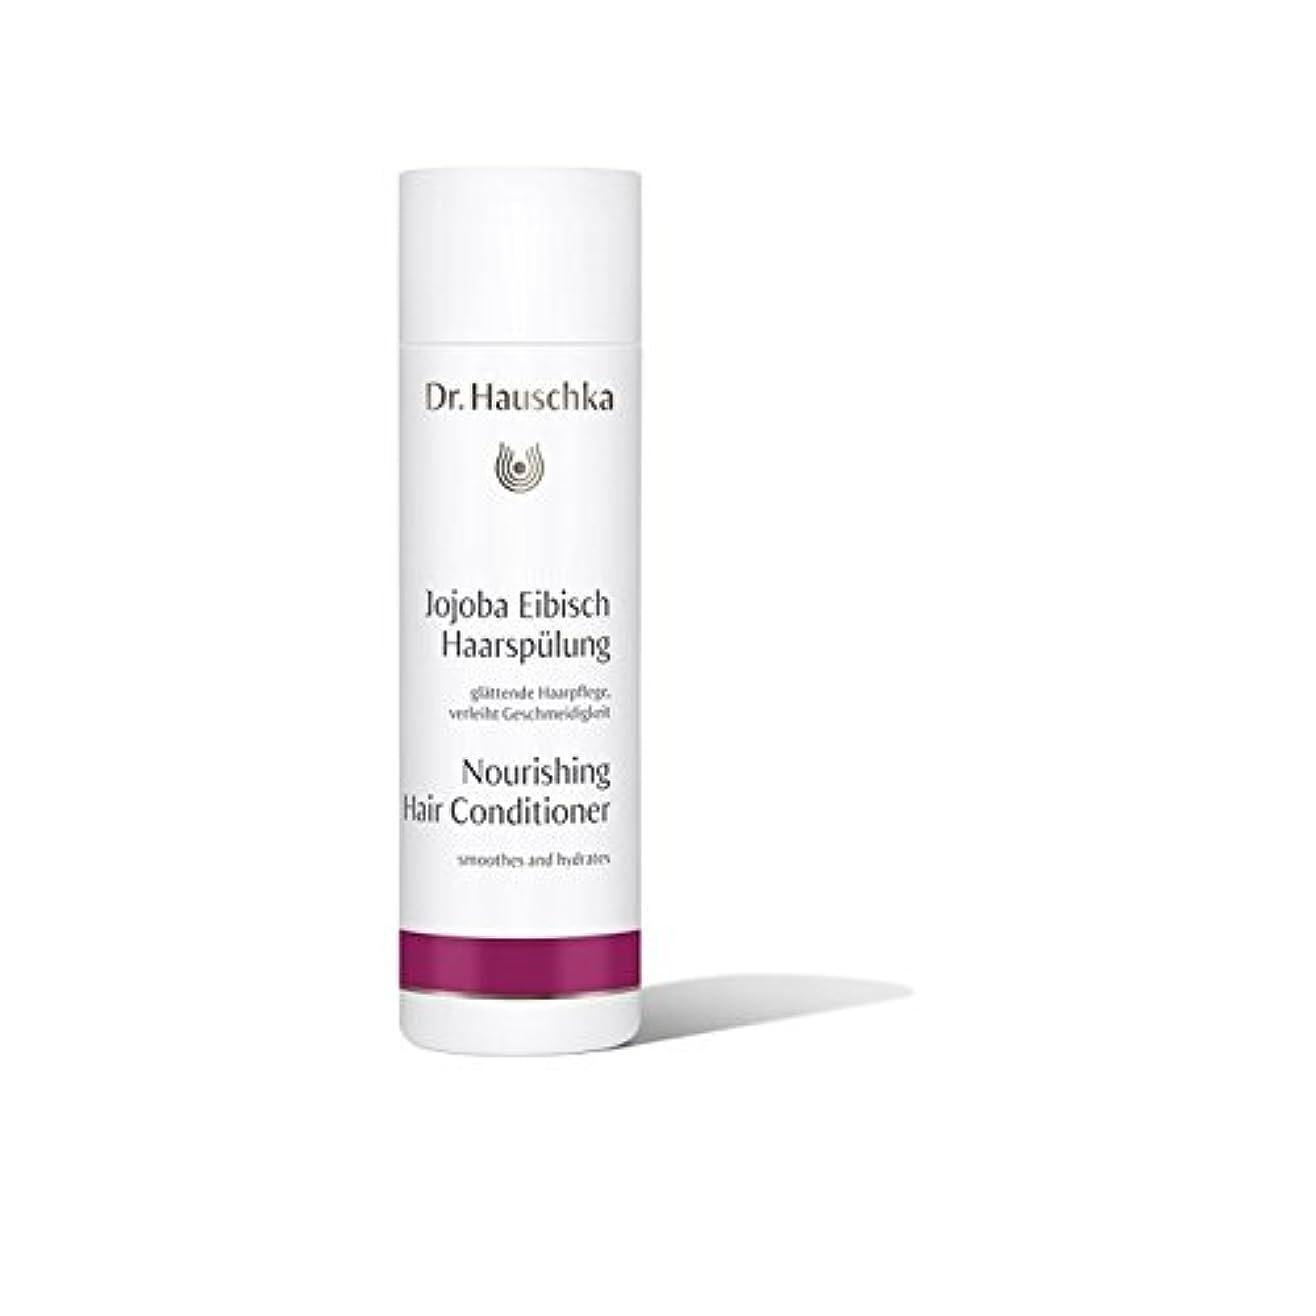 悔い改めうねるミュージカルハウシュカ栄養ヘアコンディショナー(200ミリリットル) x2 - Dr. Hauschka Nourishing Hair Conditioner (200ml) (Pack of 2) [並行輸入品]